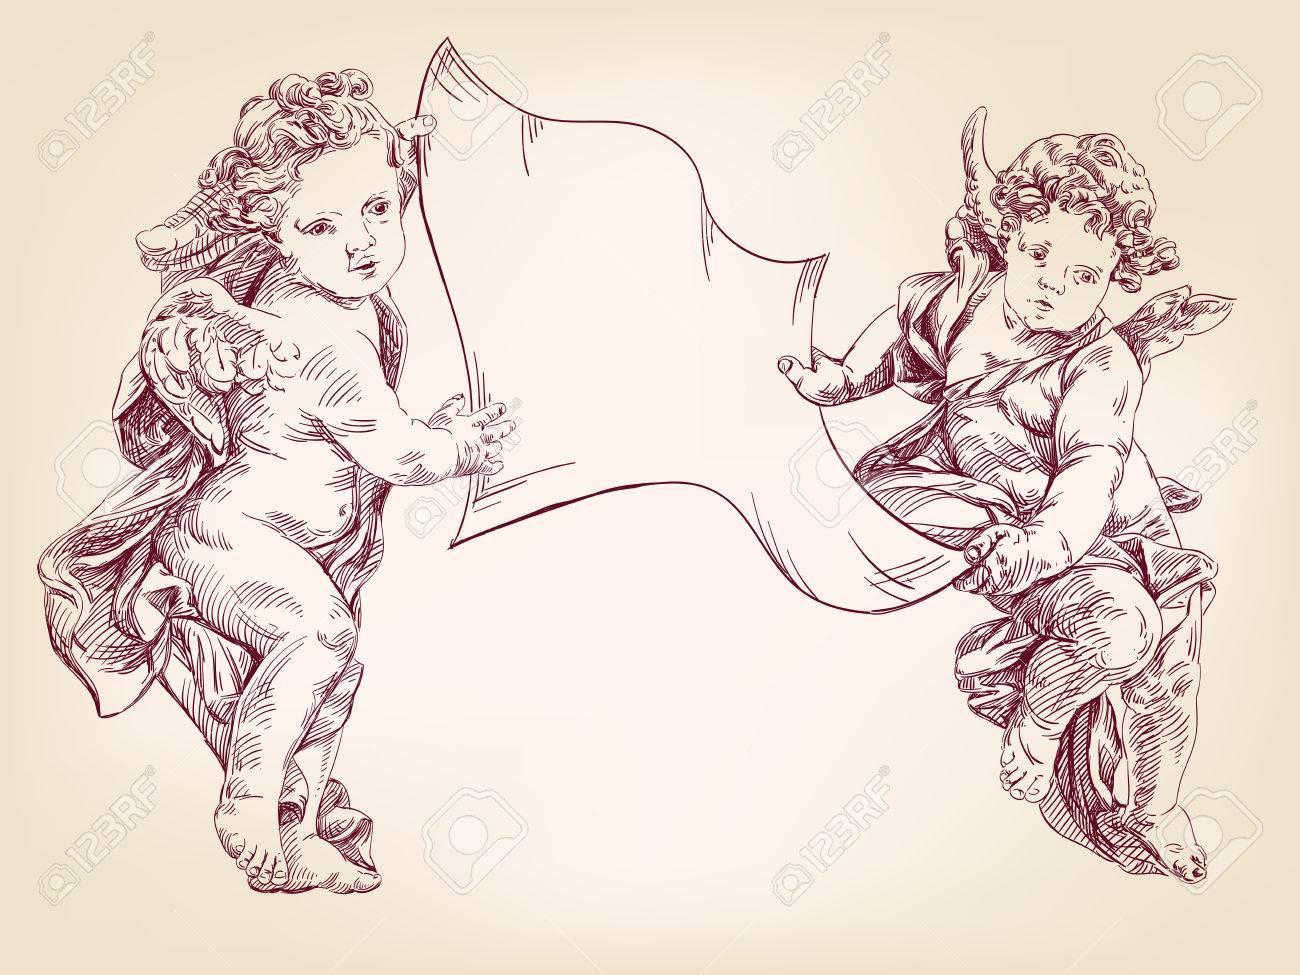 Dessin Ange Realiste anges ou cupidon tiennent une feuille de messages isolés dessinés à la main  vecteur llustration esquisse réaliste